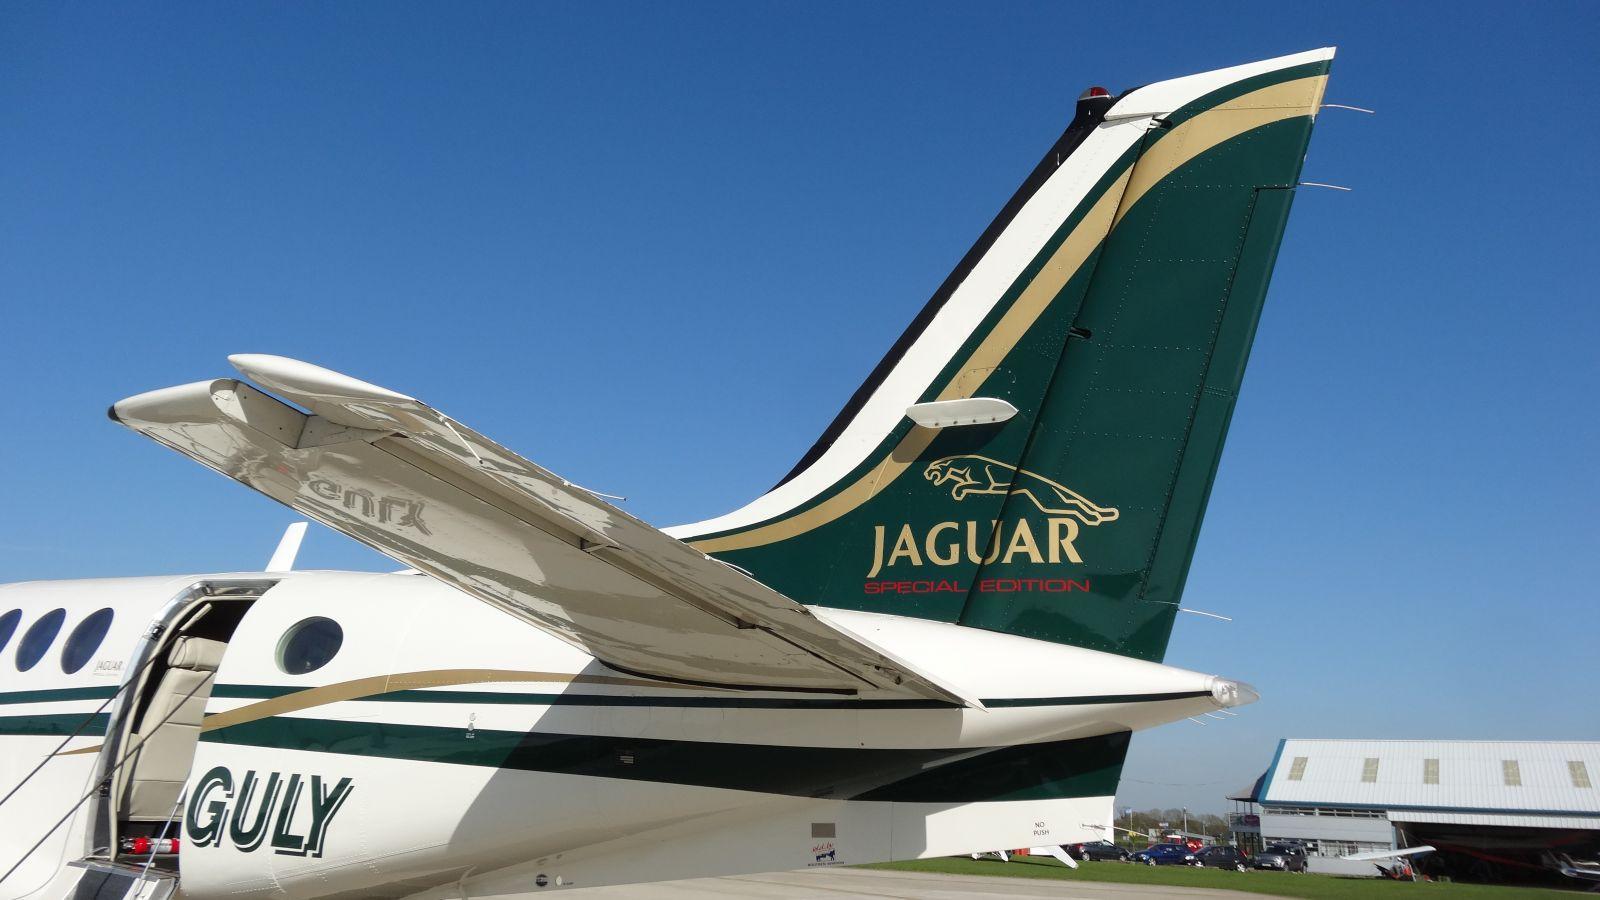 Jaguar Car and Aircraft 7